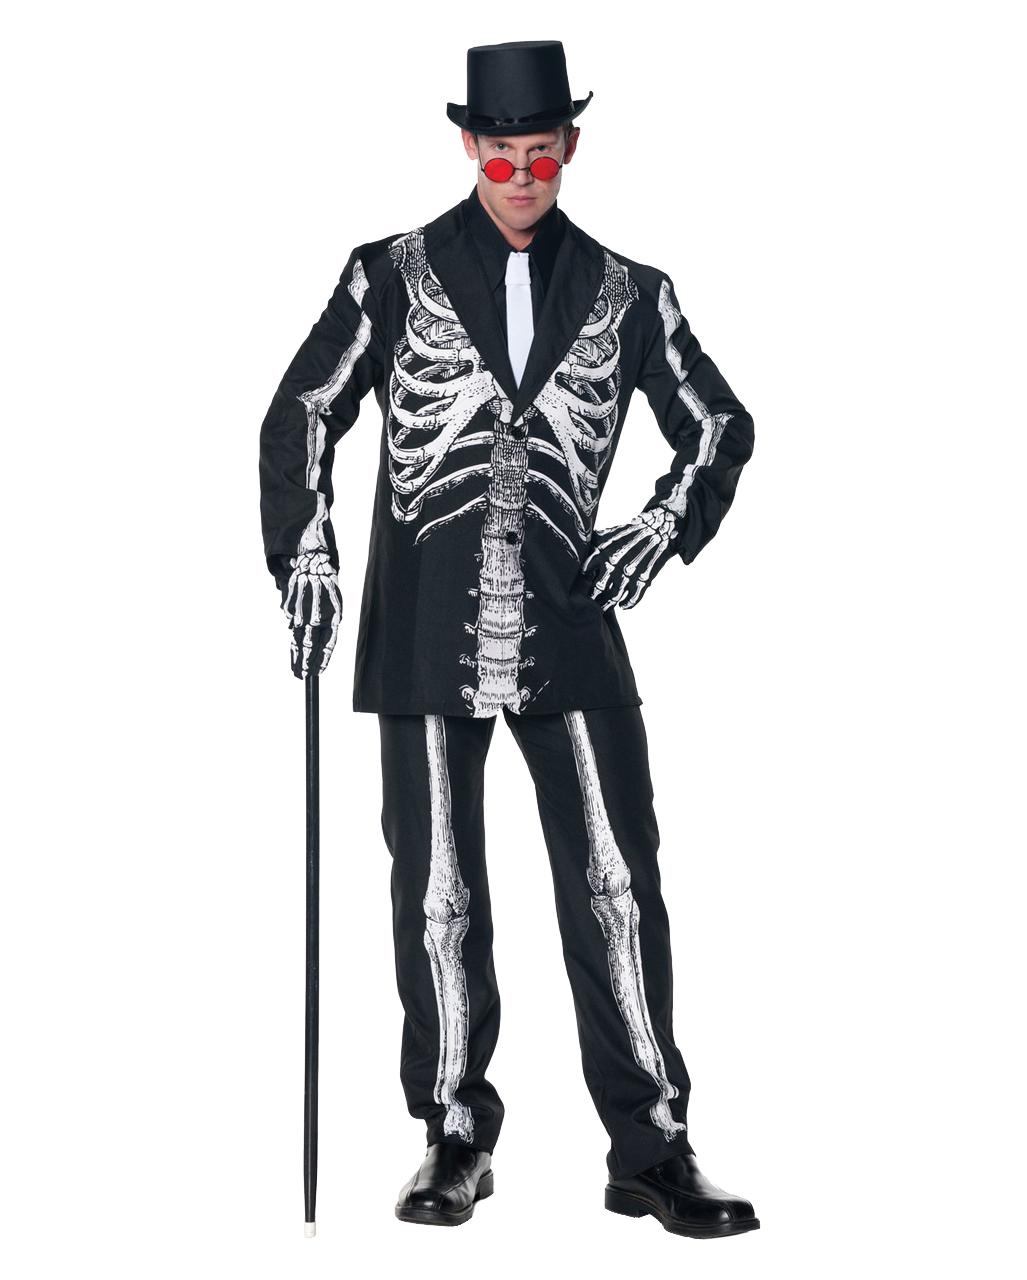 kost m anzug mit skelett aufdruck f r halloween karneval universe. Black Bedroom Furniture Sets. Home Design Ideas